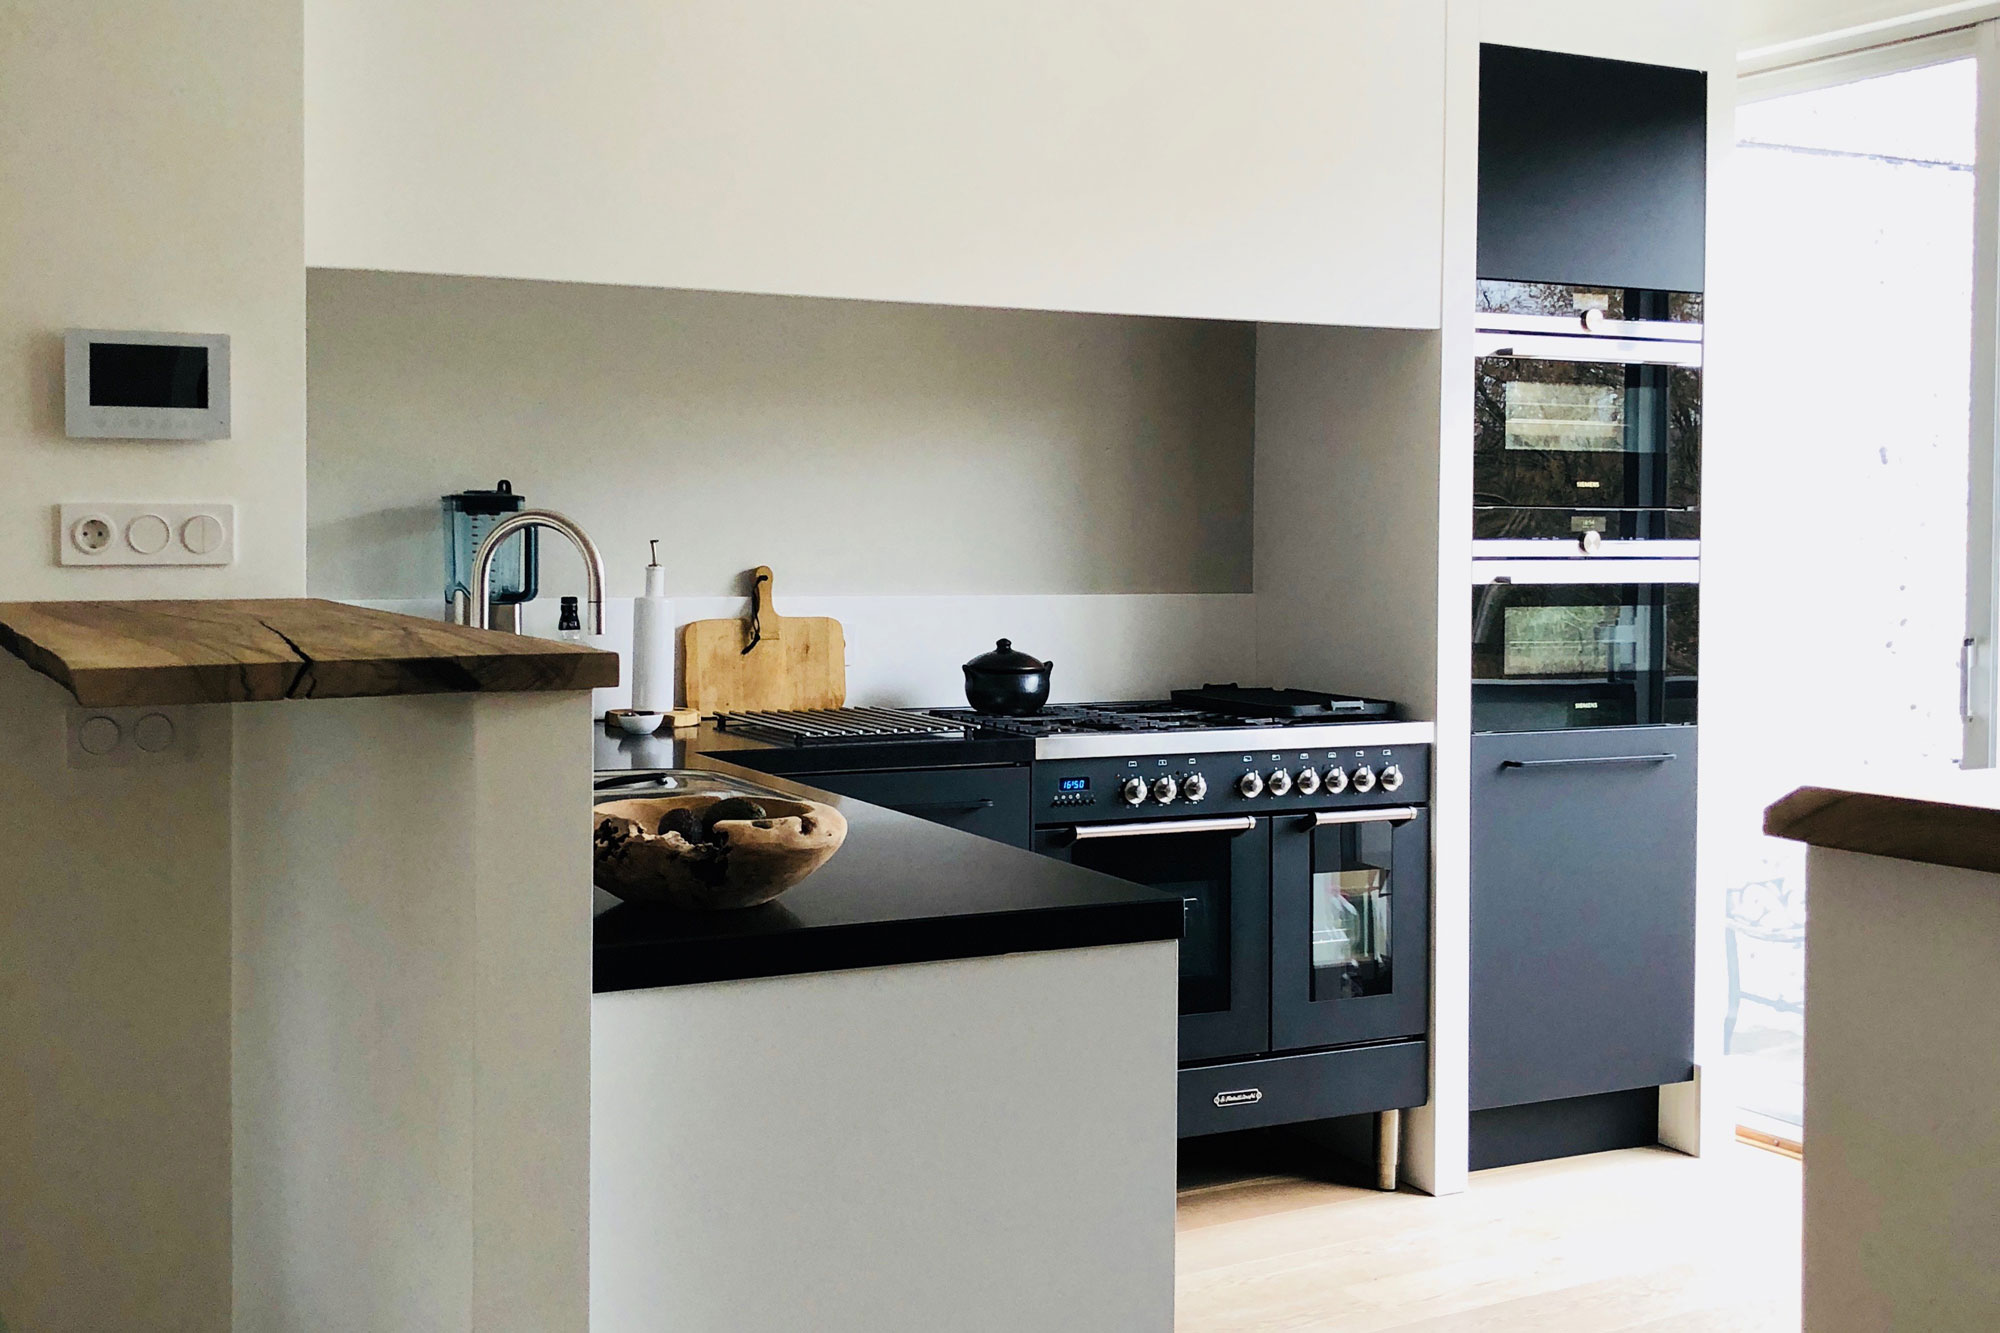 Steigerhout Bar Keuken : Bar keuken amazing zelf keuken bouwen fotos zelf keuken bouwen